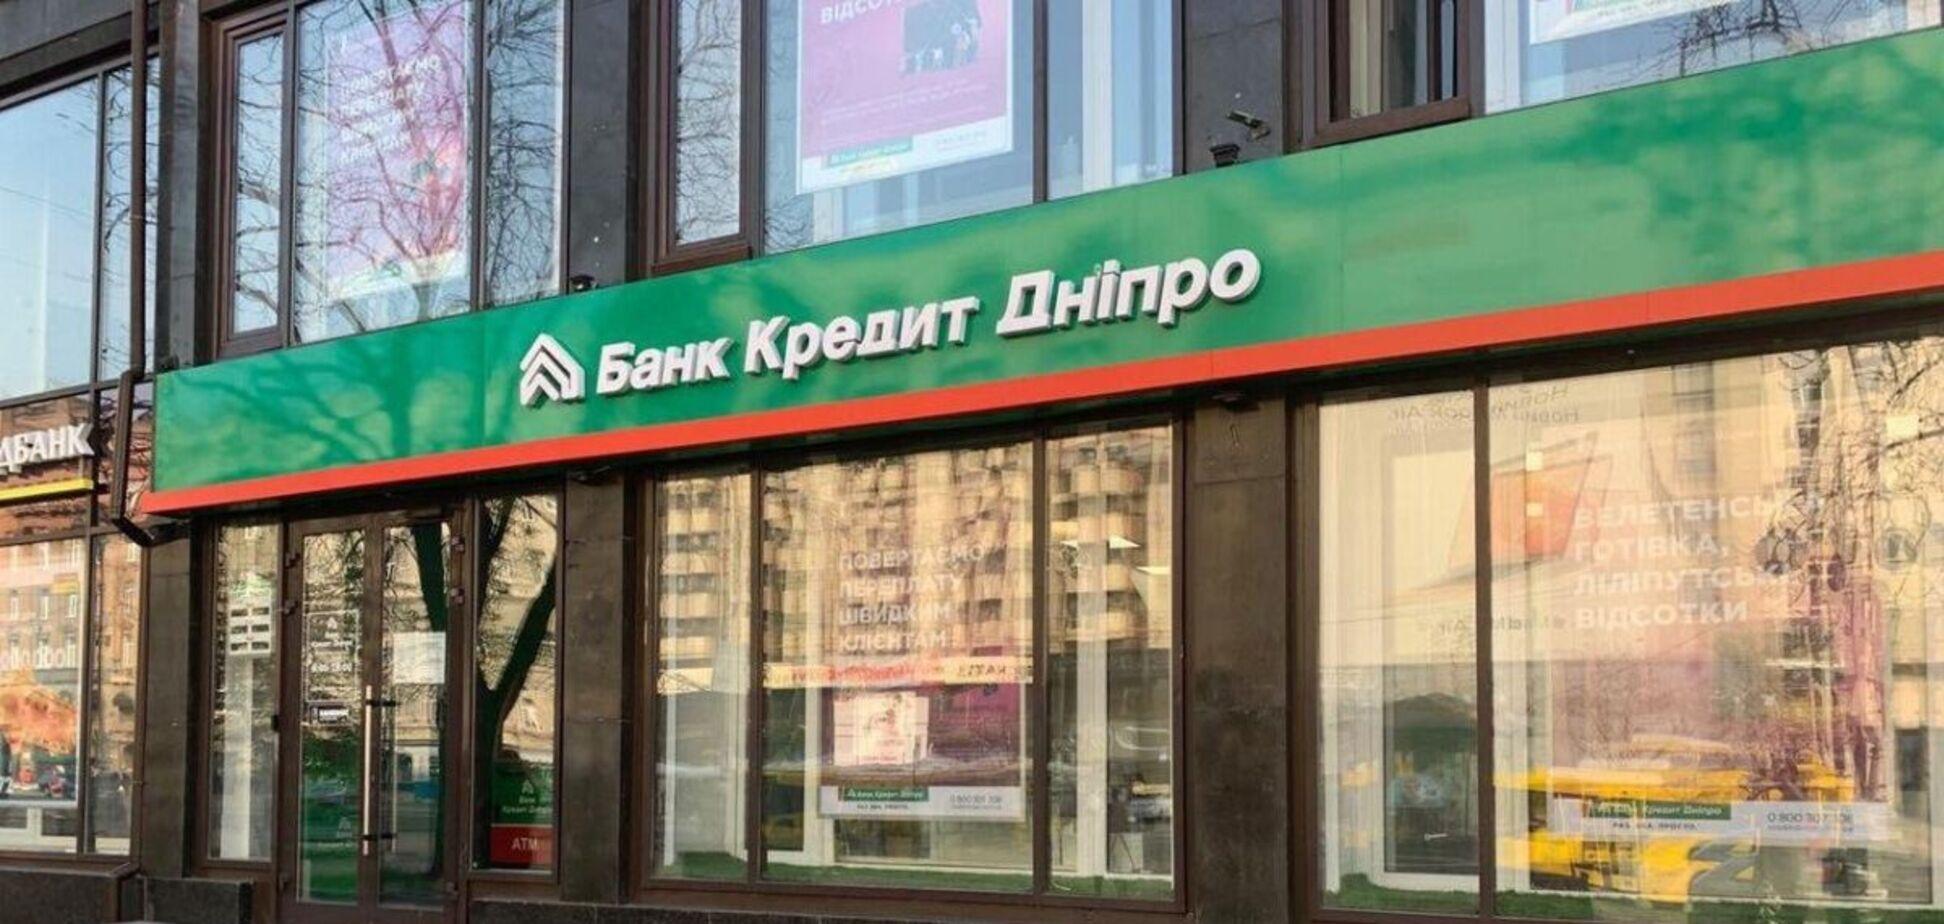 Банк 'Кредит Дніпро' вийшов на ринок іпотечного кредитування